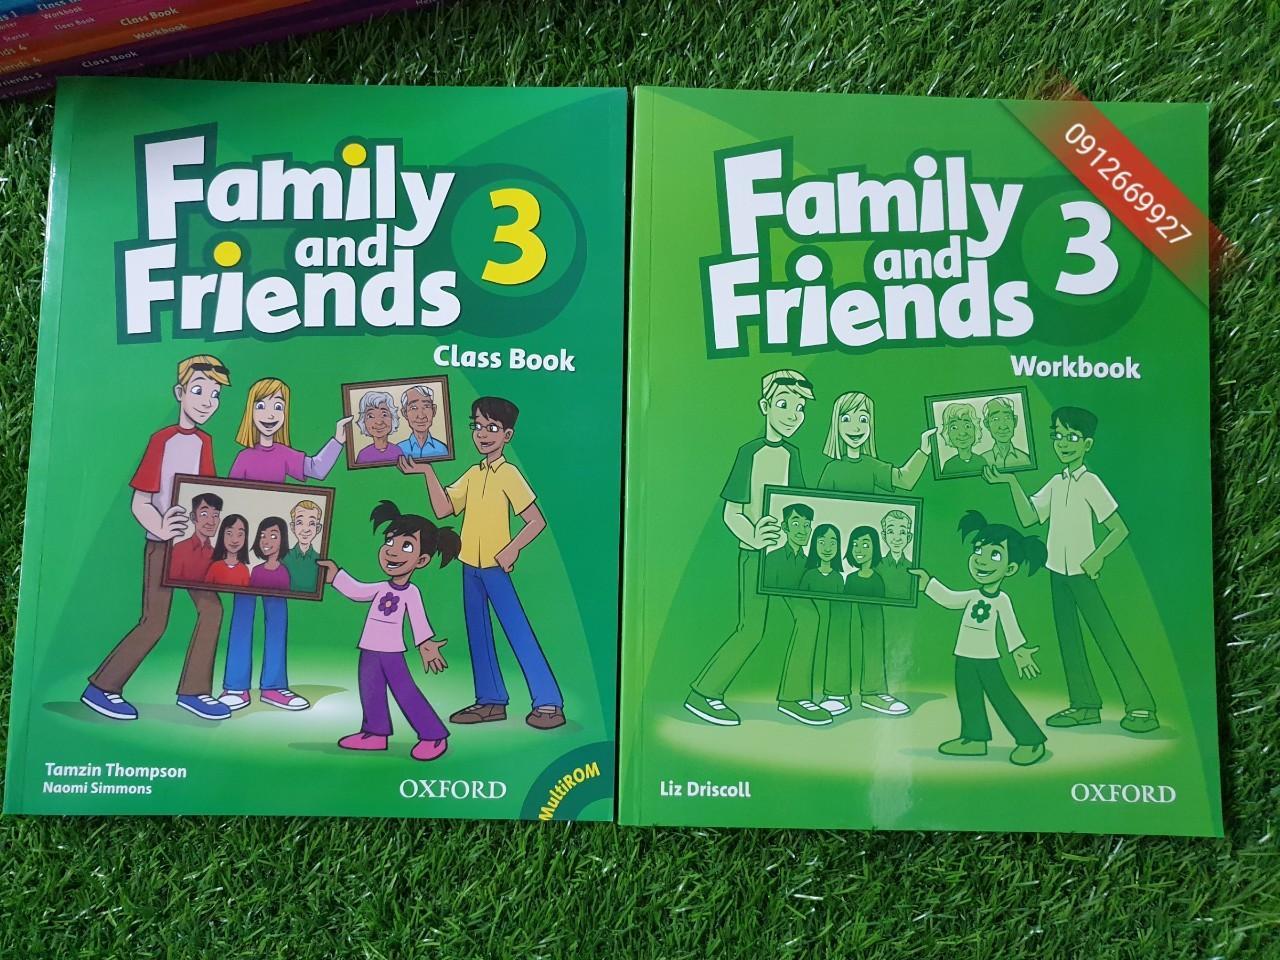 Mua Sách Family and Friends 3 (classbook và workbook)